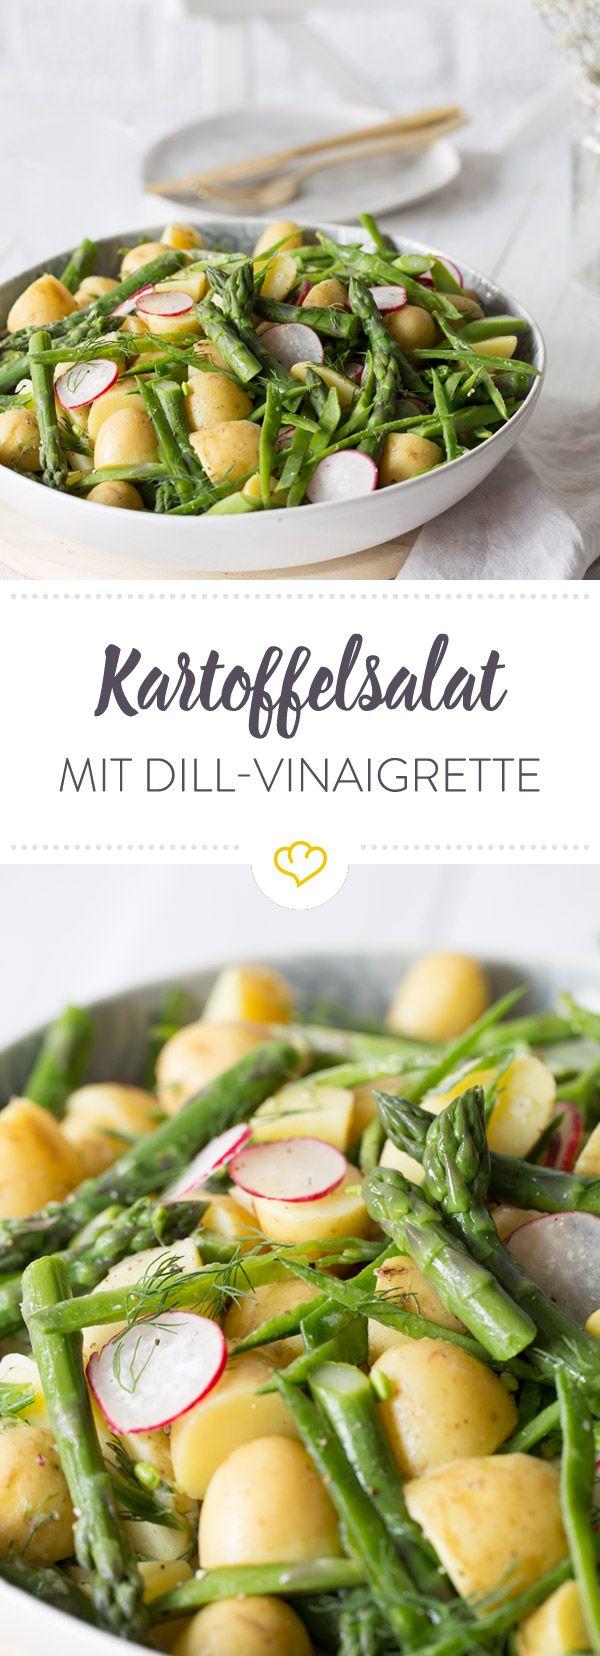 Die Skandinavier machen Omas Kartoffelsalat Konkurrenz und bringen junge Kartoffeln mit Radieschen, Spargel, Dill und Butter zur Geltung.